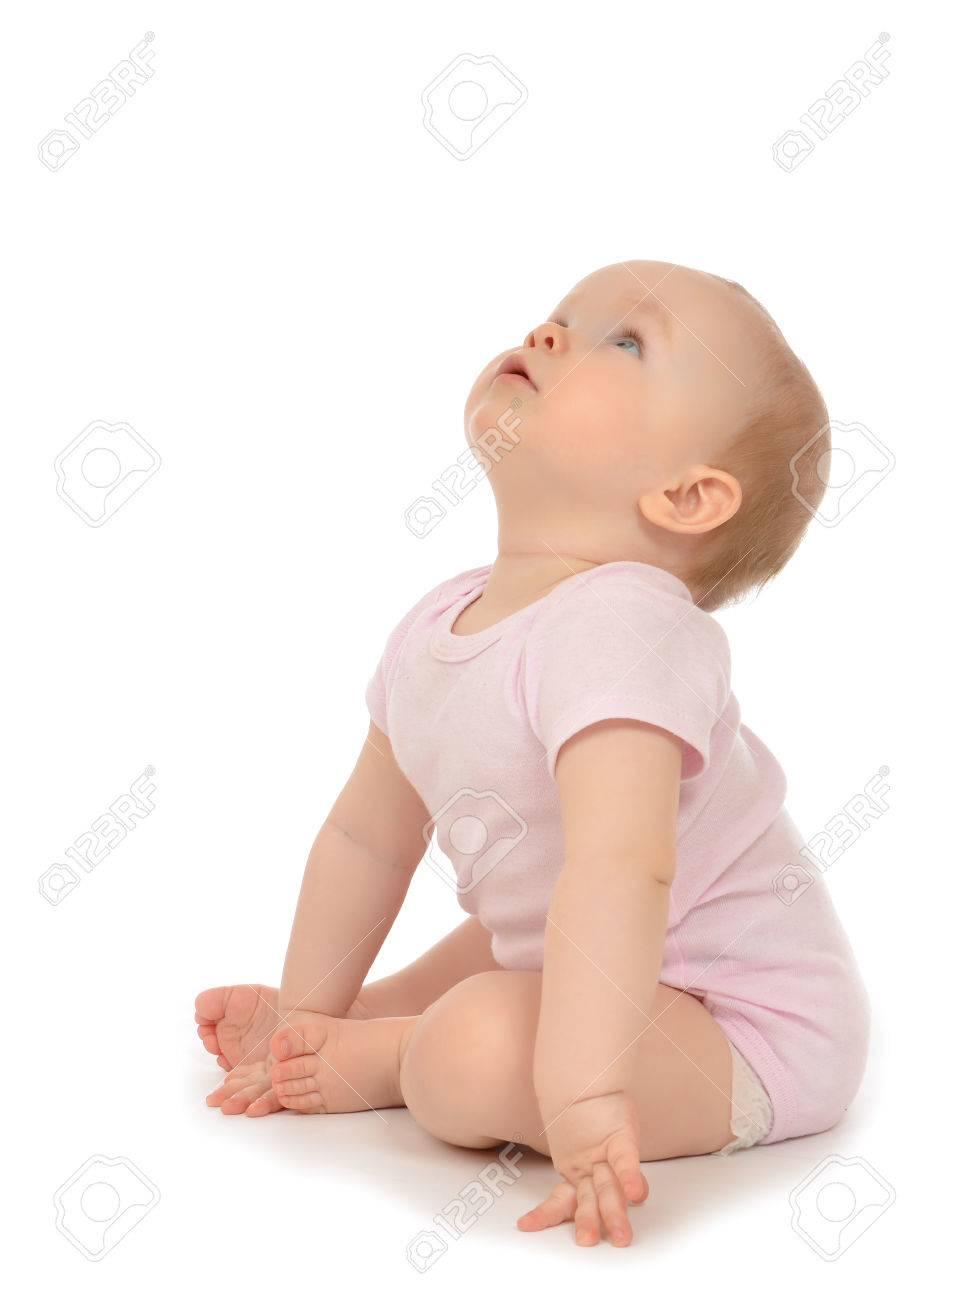 b98f8ddff099b Banque d'images - Bébé de 10 mois de l'enfant en bas âge assis sourire  heureux regardant sur un fond blanc